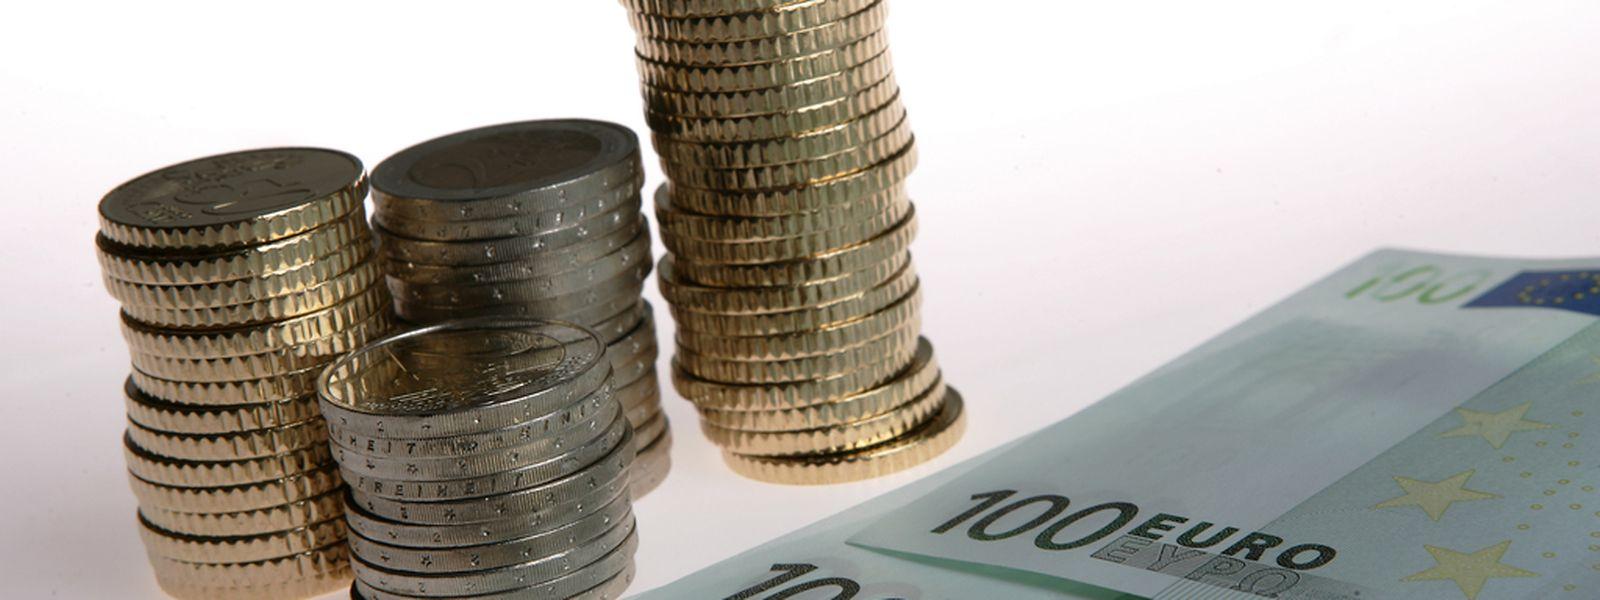 Les dépenses en recrutement devraient croître en 2015 pour 40% des dirigeants d'entreprises sondés dans le cadre de la douzième édition du «Luxembourg Business Compass».